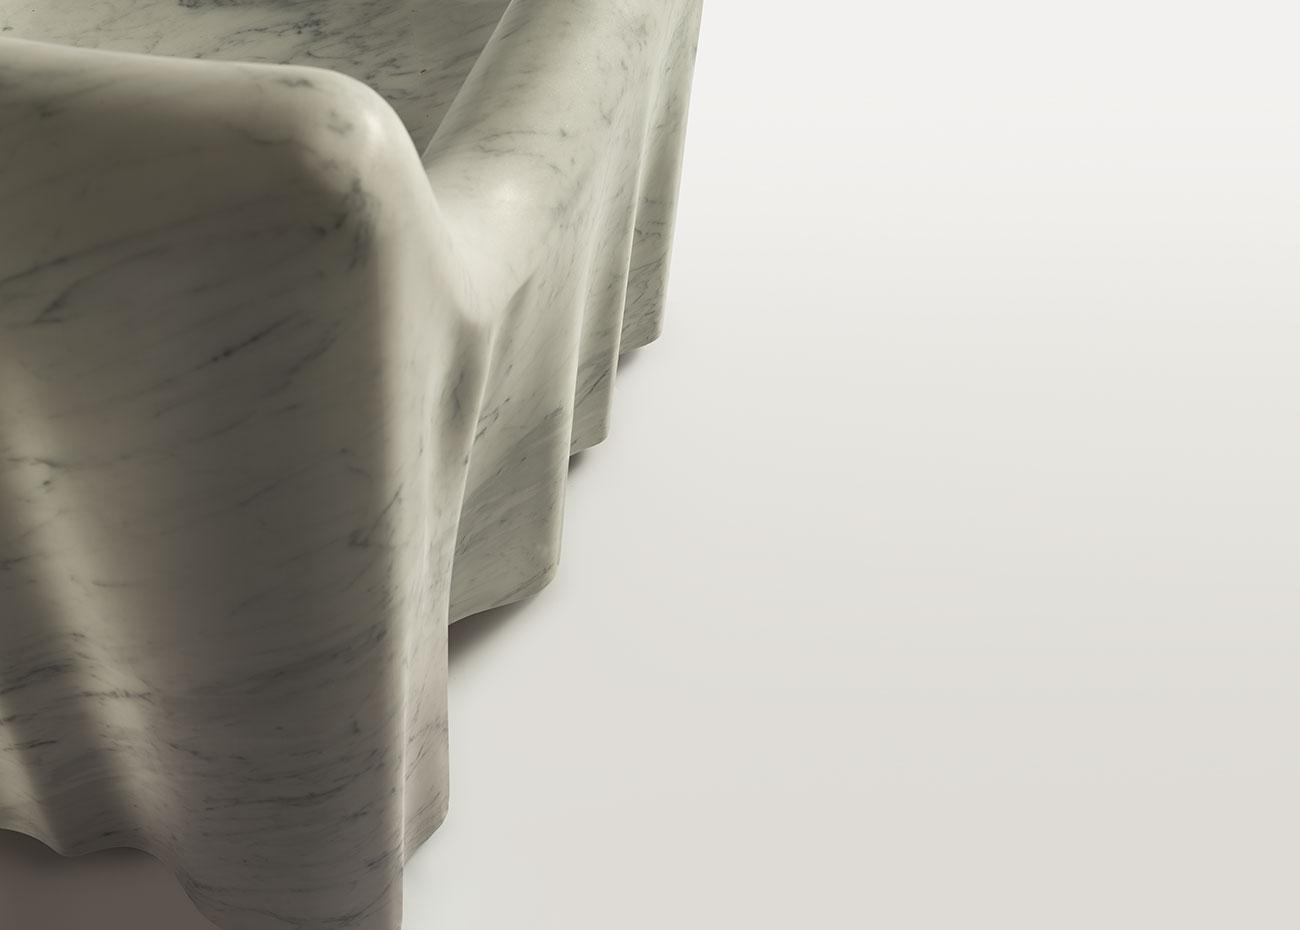 dettaglio-poltrona-in-marmo